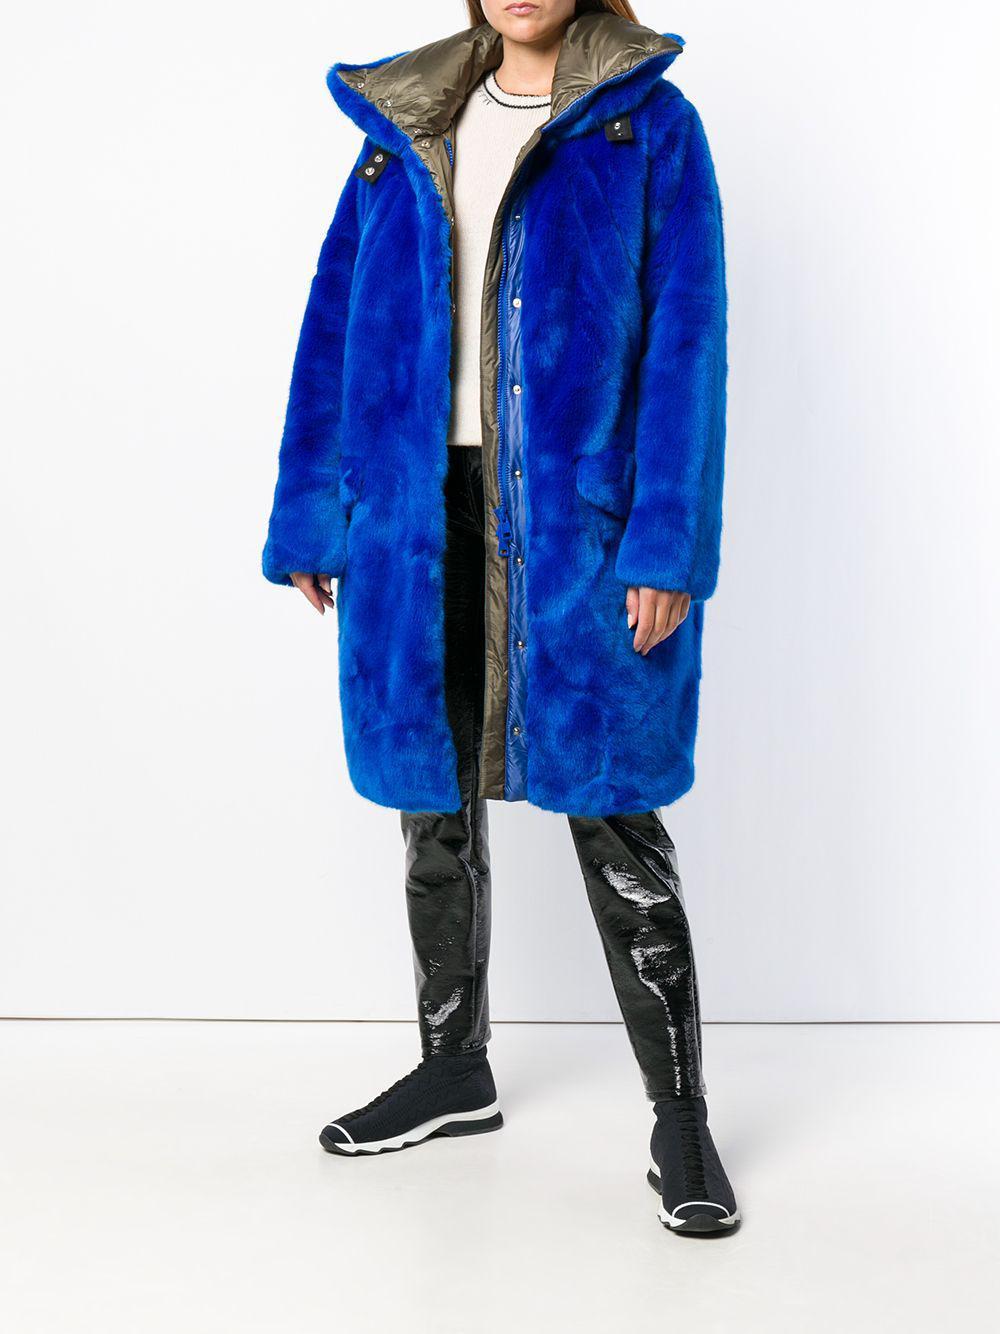 Blue Coat In Lyst Faux Midi Fur Rossignol Fu1lKcJ53T